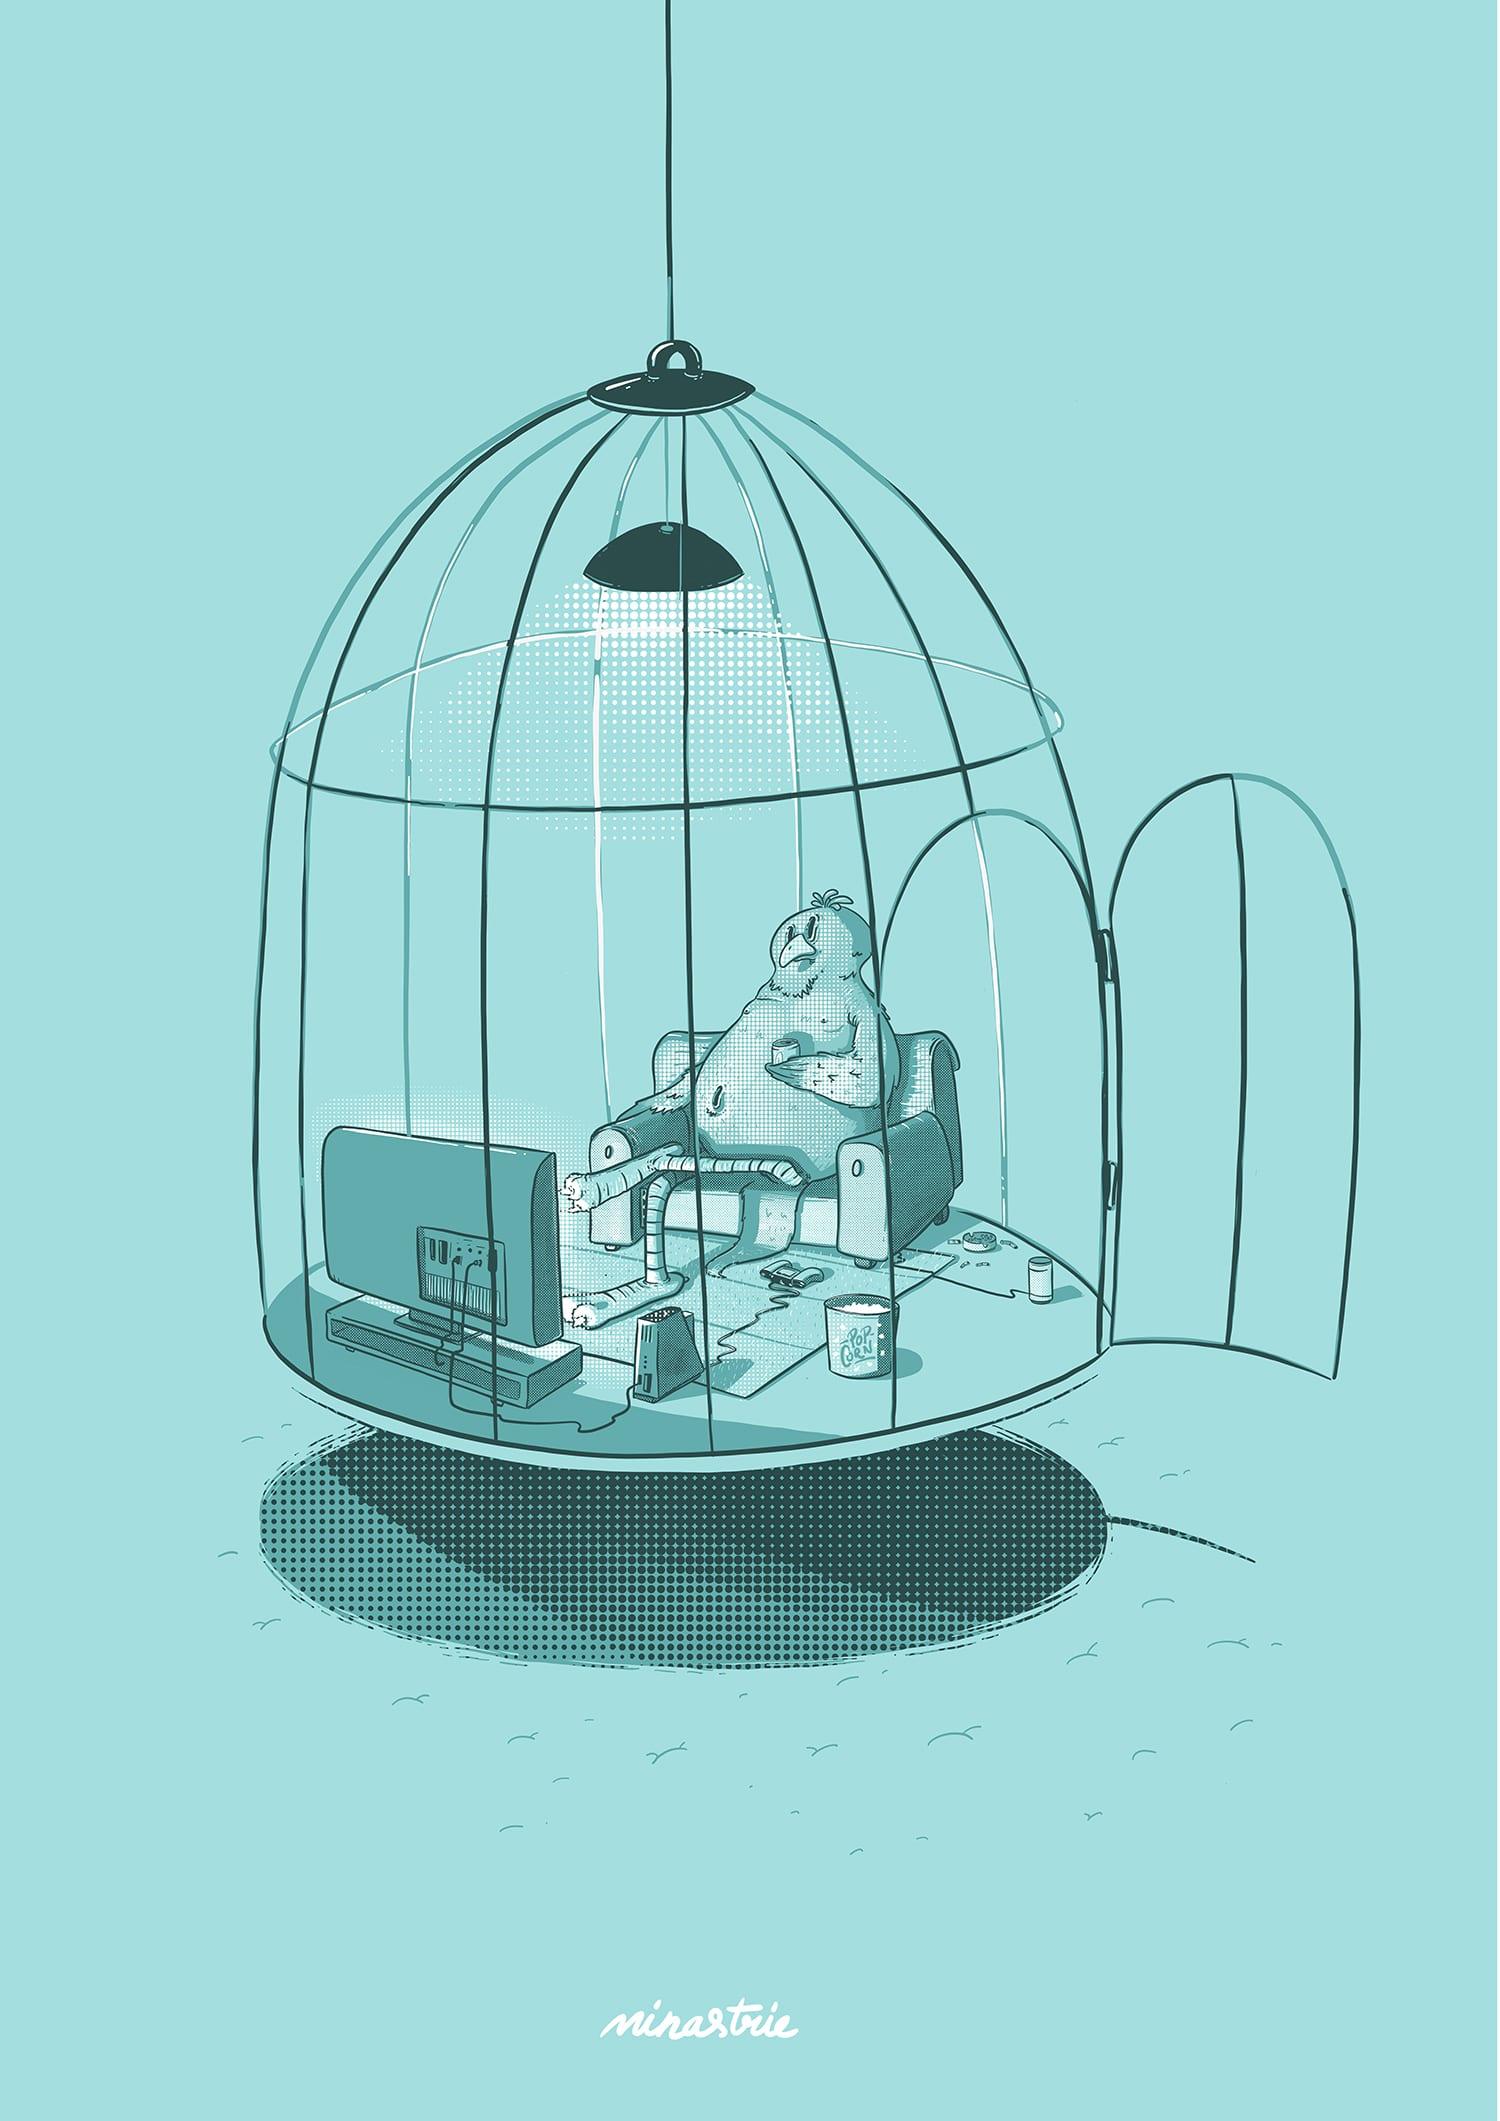 minastrie - modern free bird